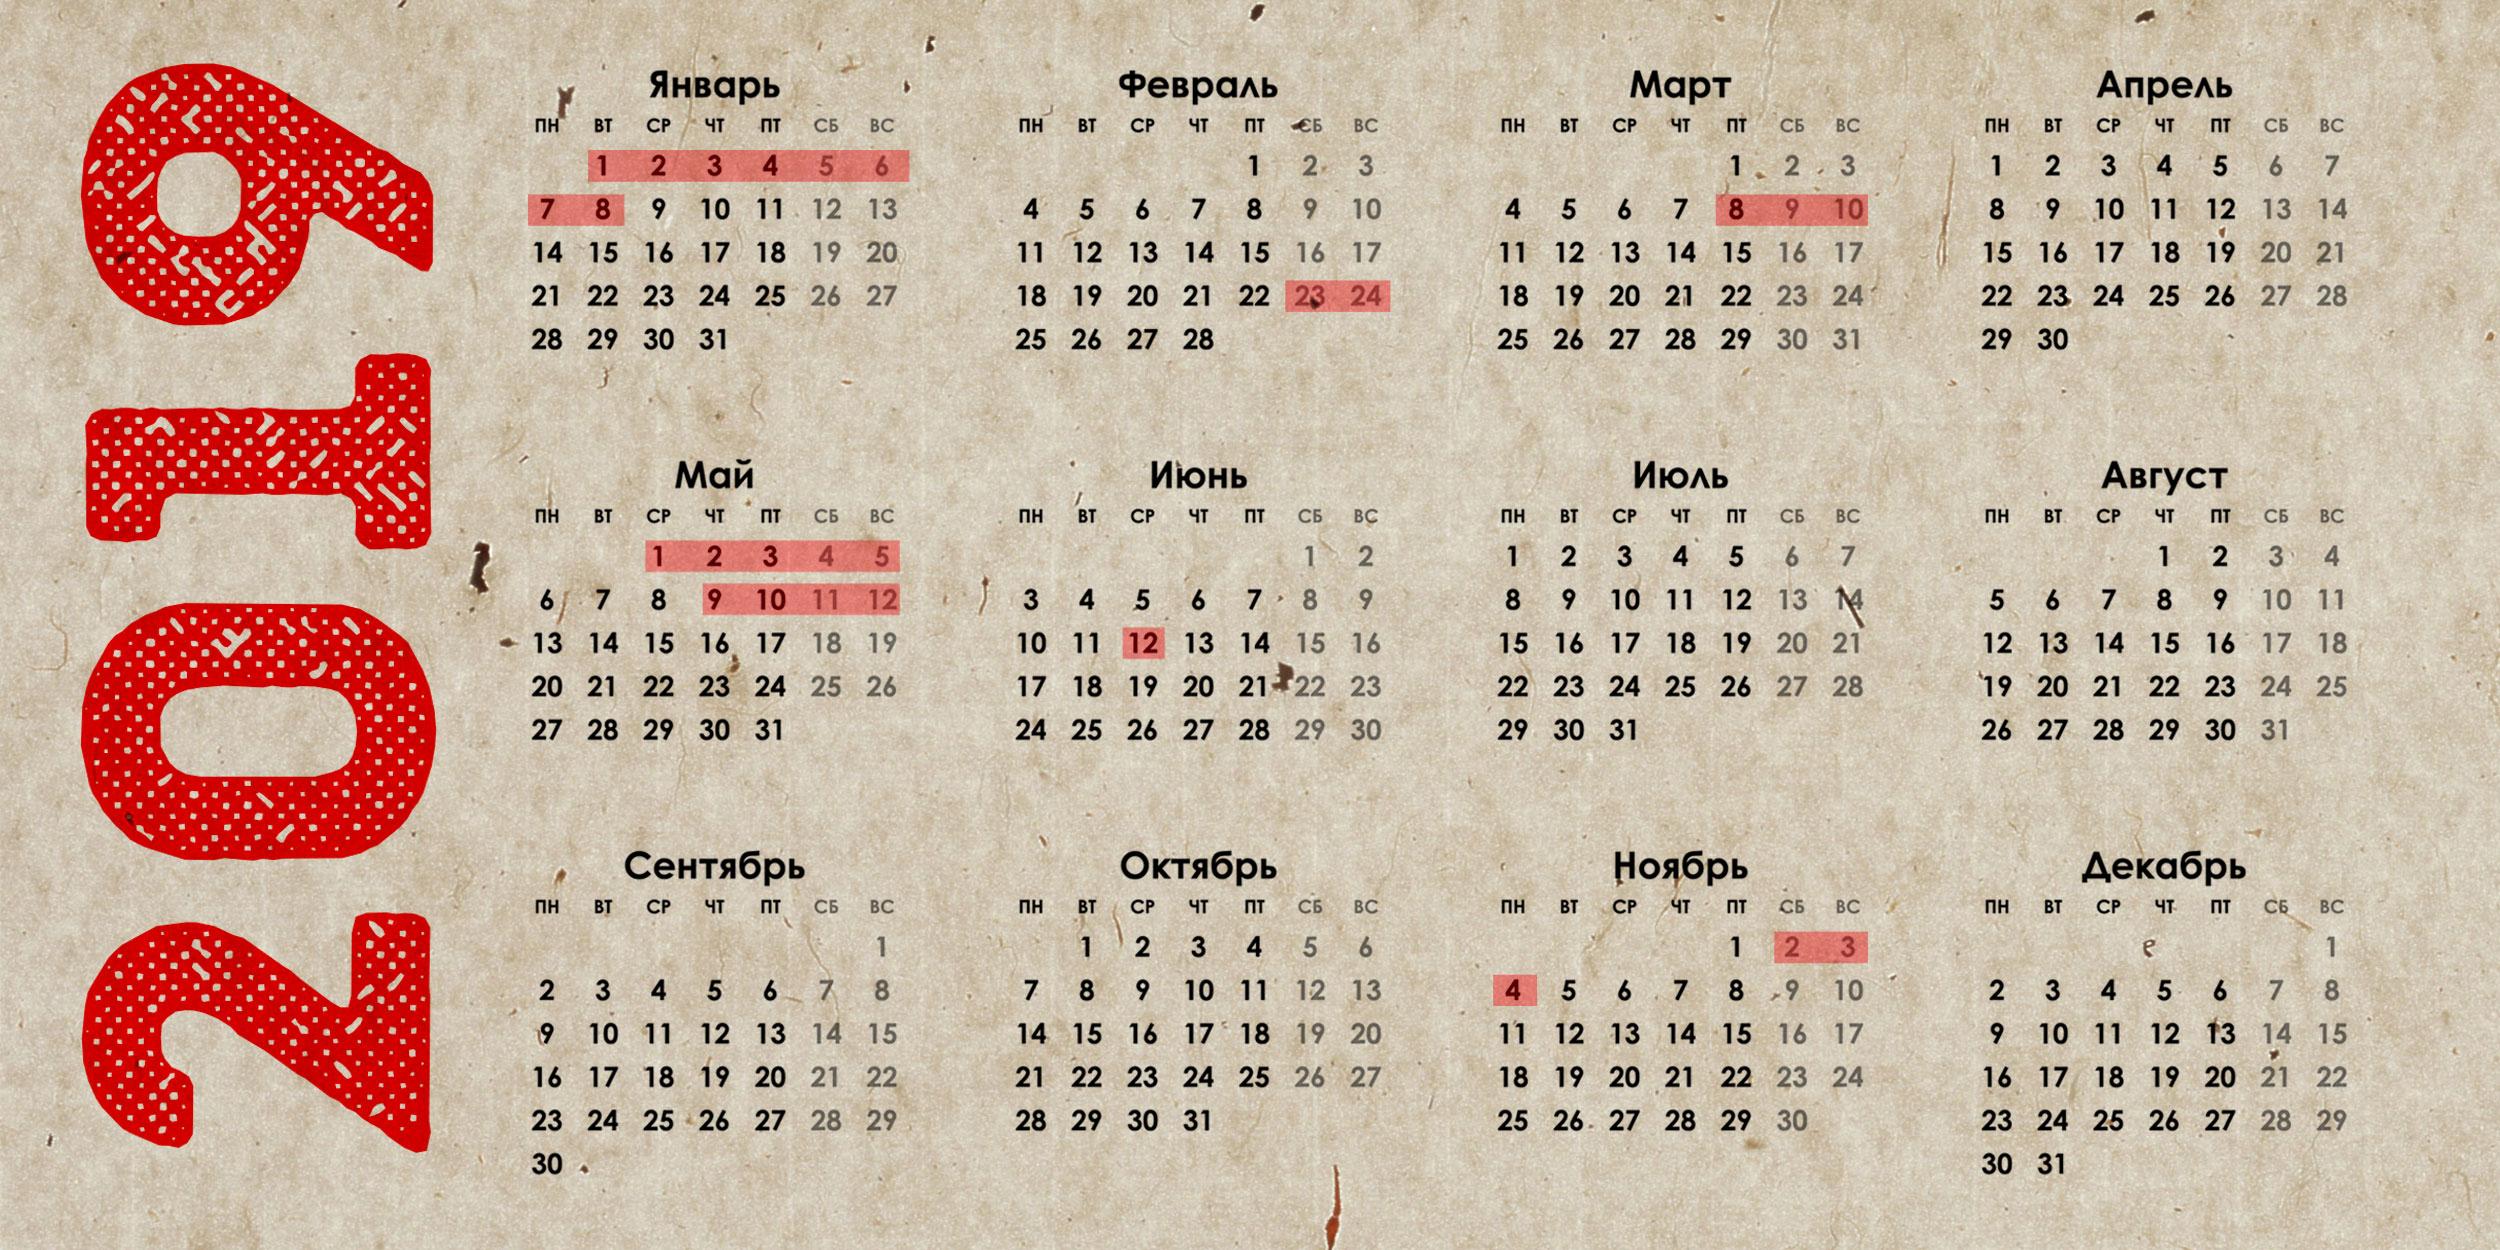 Как Отдыхаем В 2019 Году: Календарь Выходных И Праздников